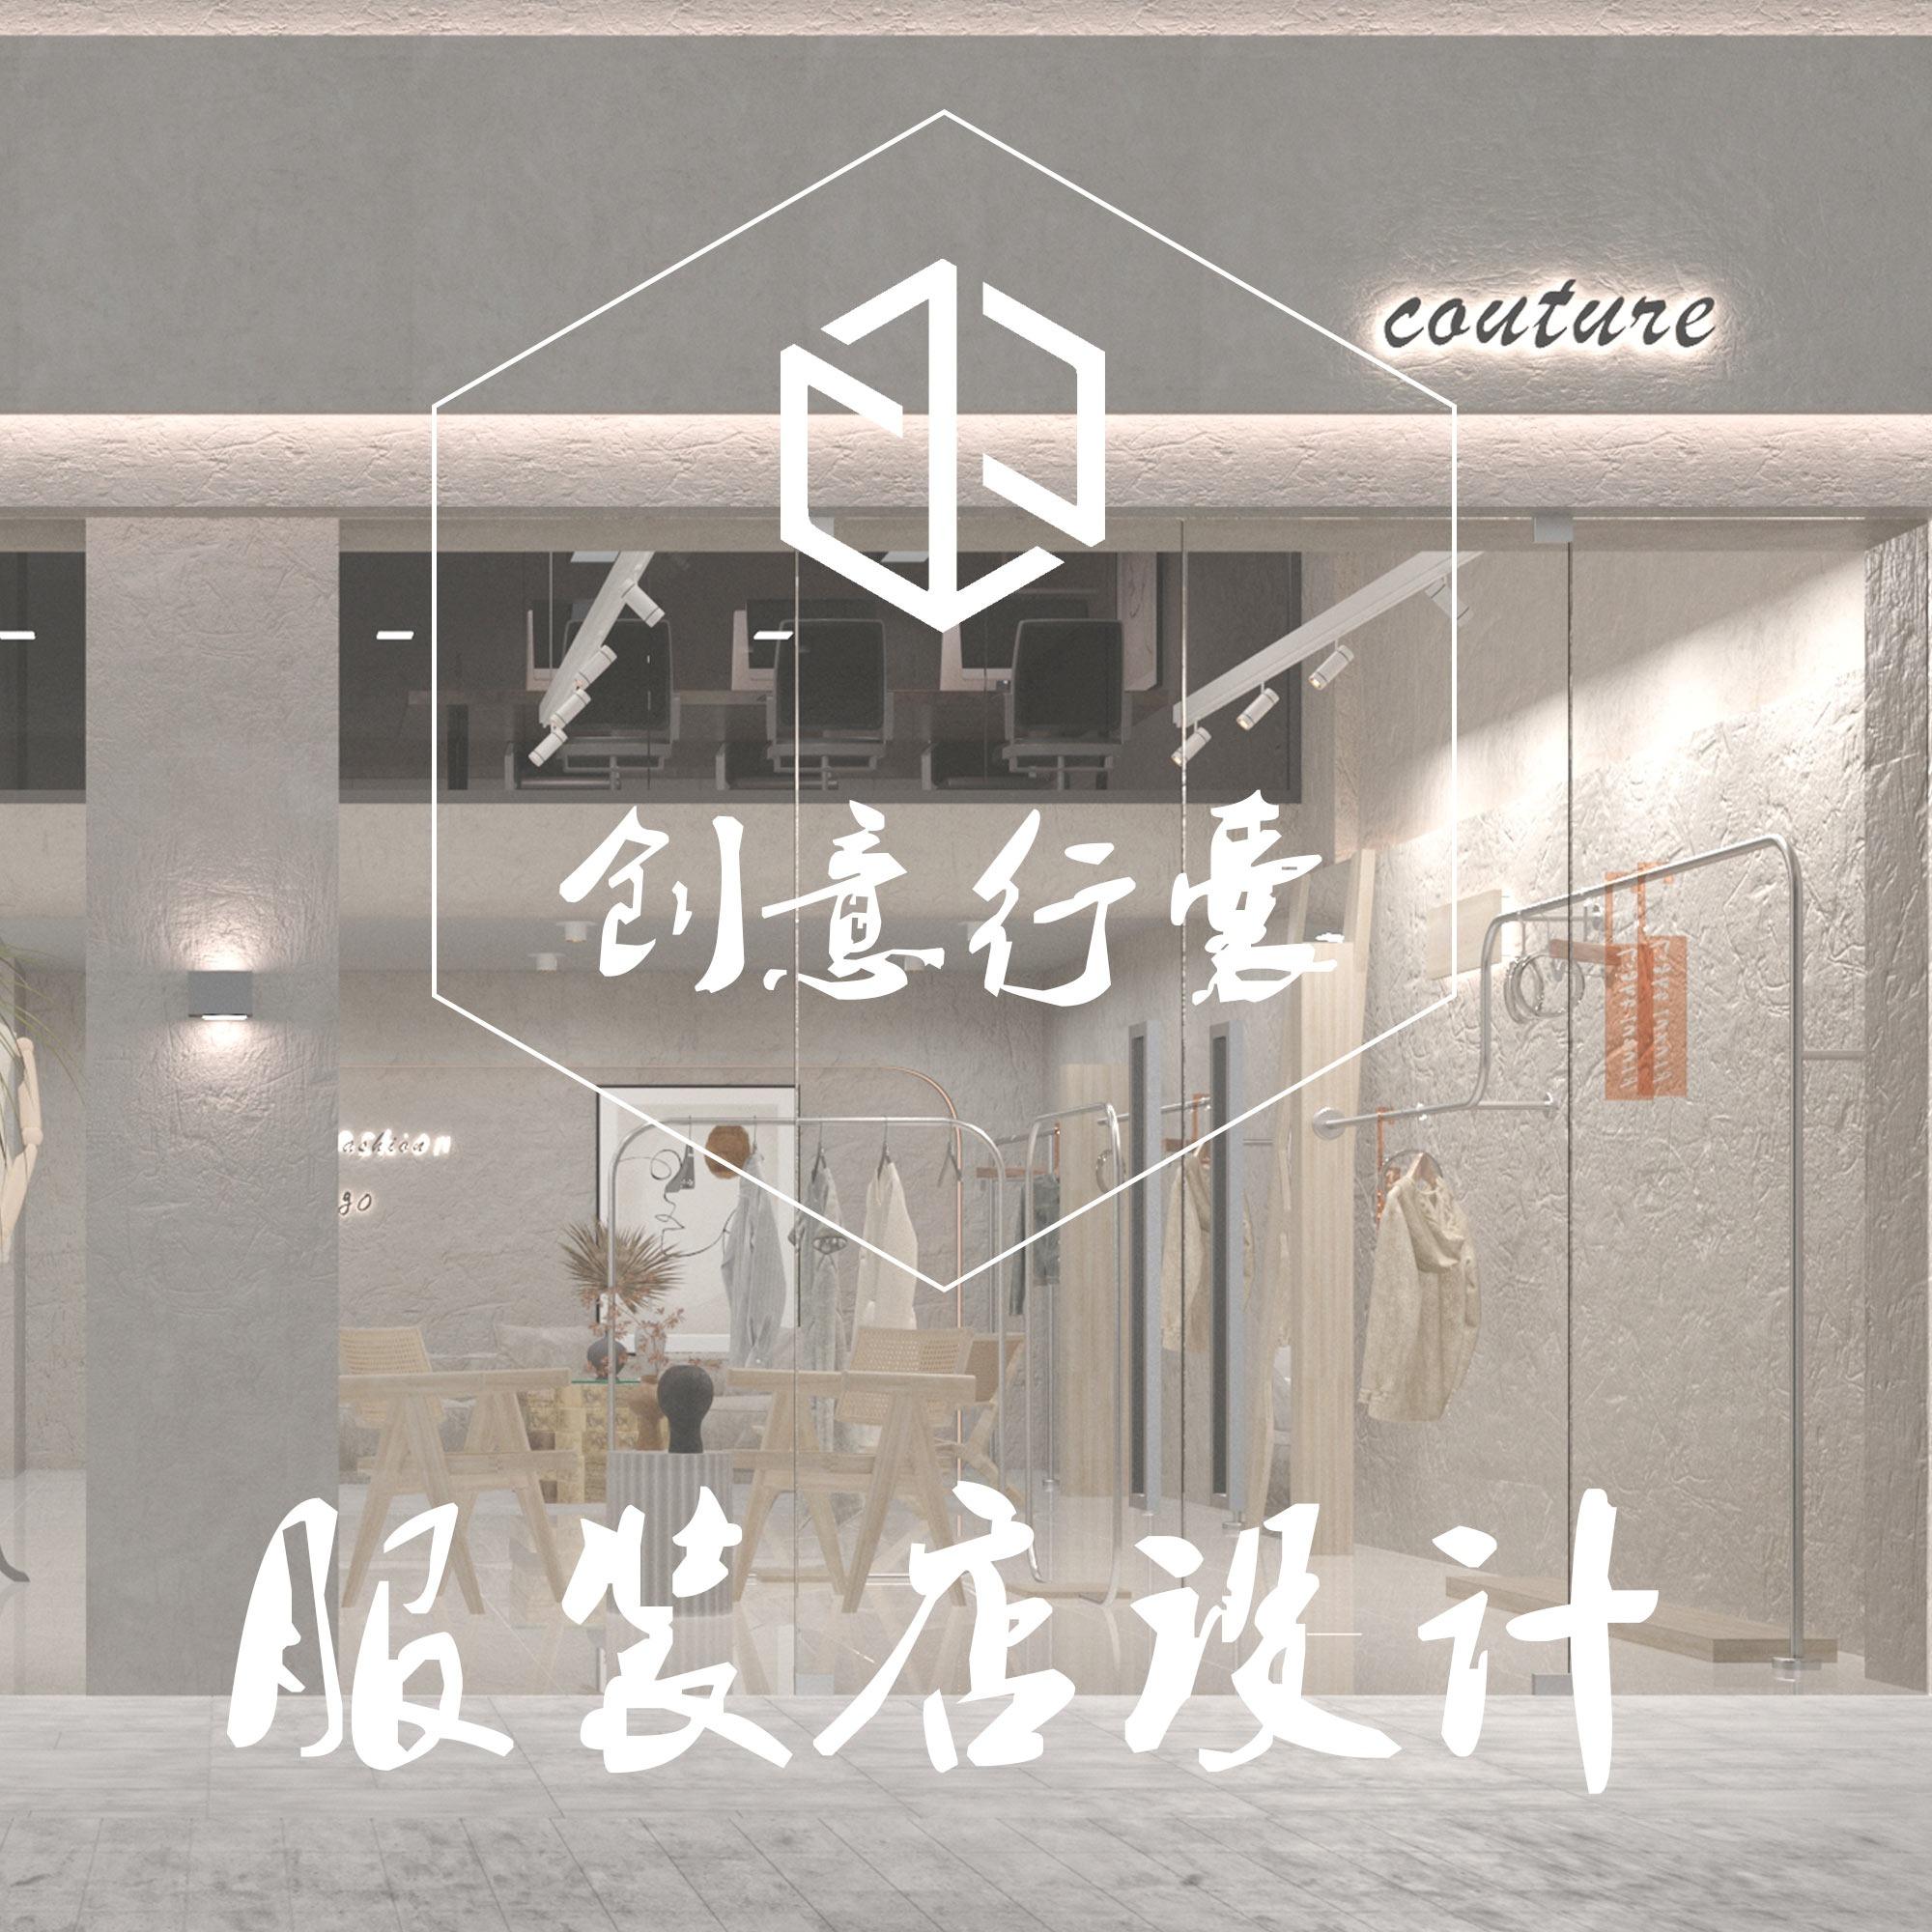 【服装店设计】装饰设计软装搭配物品陈列色彩搭配门头空间设计